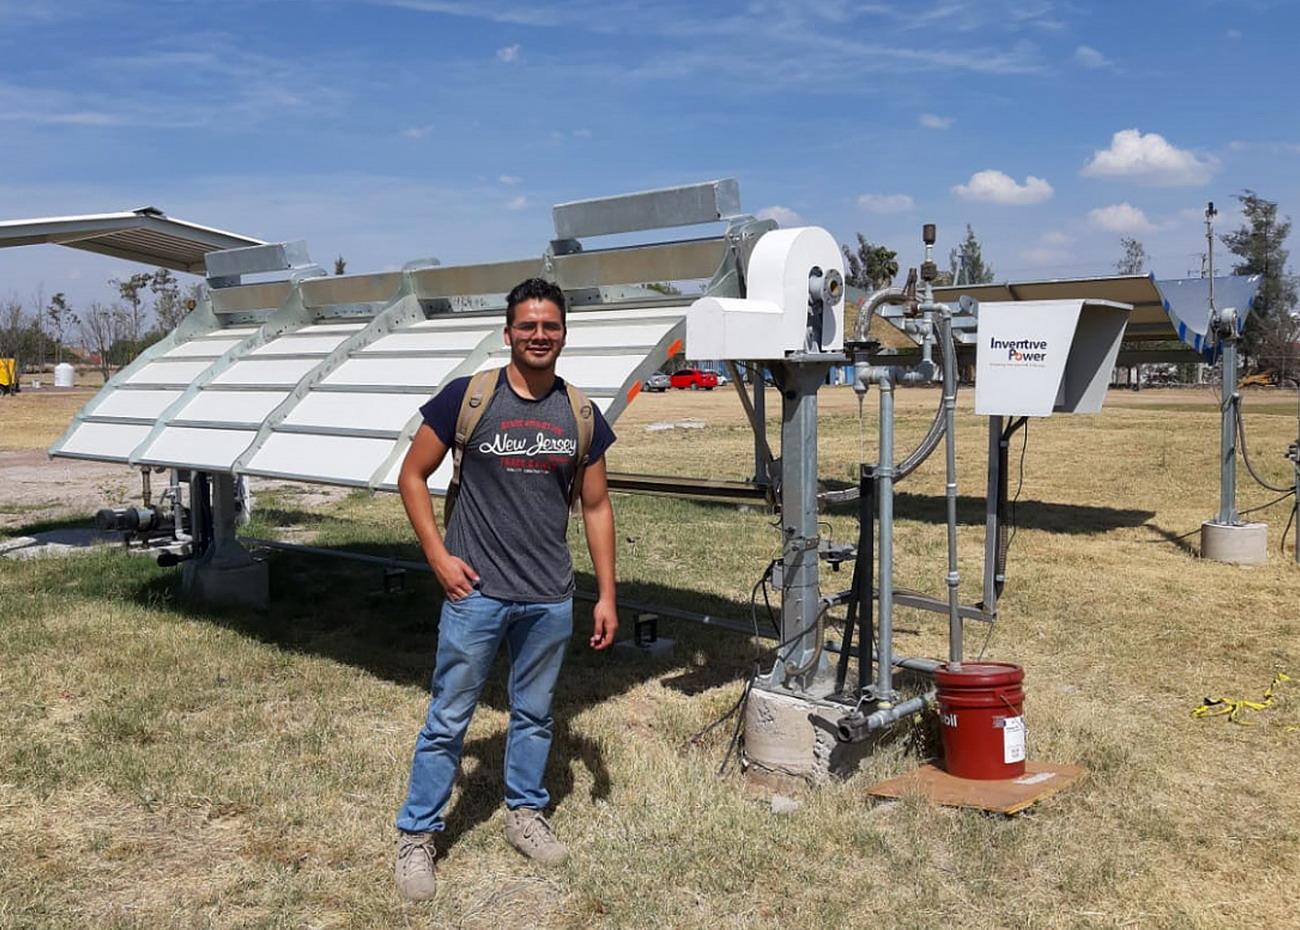 Alumno de la Ingeniería en Energías Renovables de la UAA desarrolla dispositivo para aprovechar la energía solar al máximo